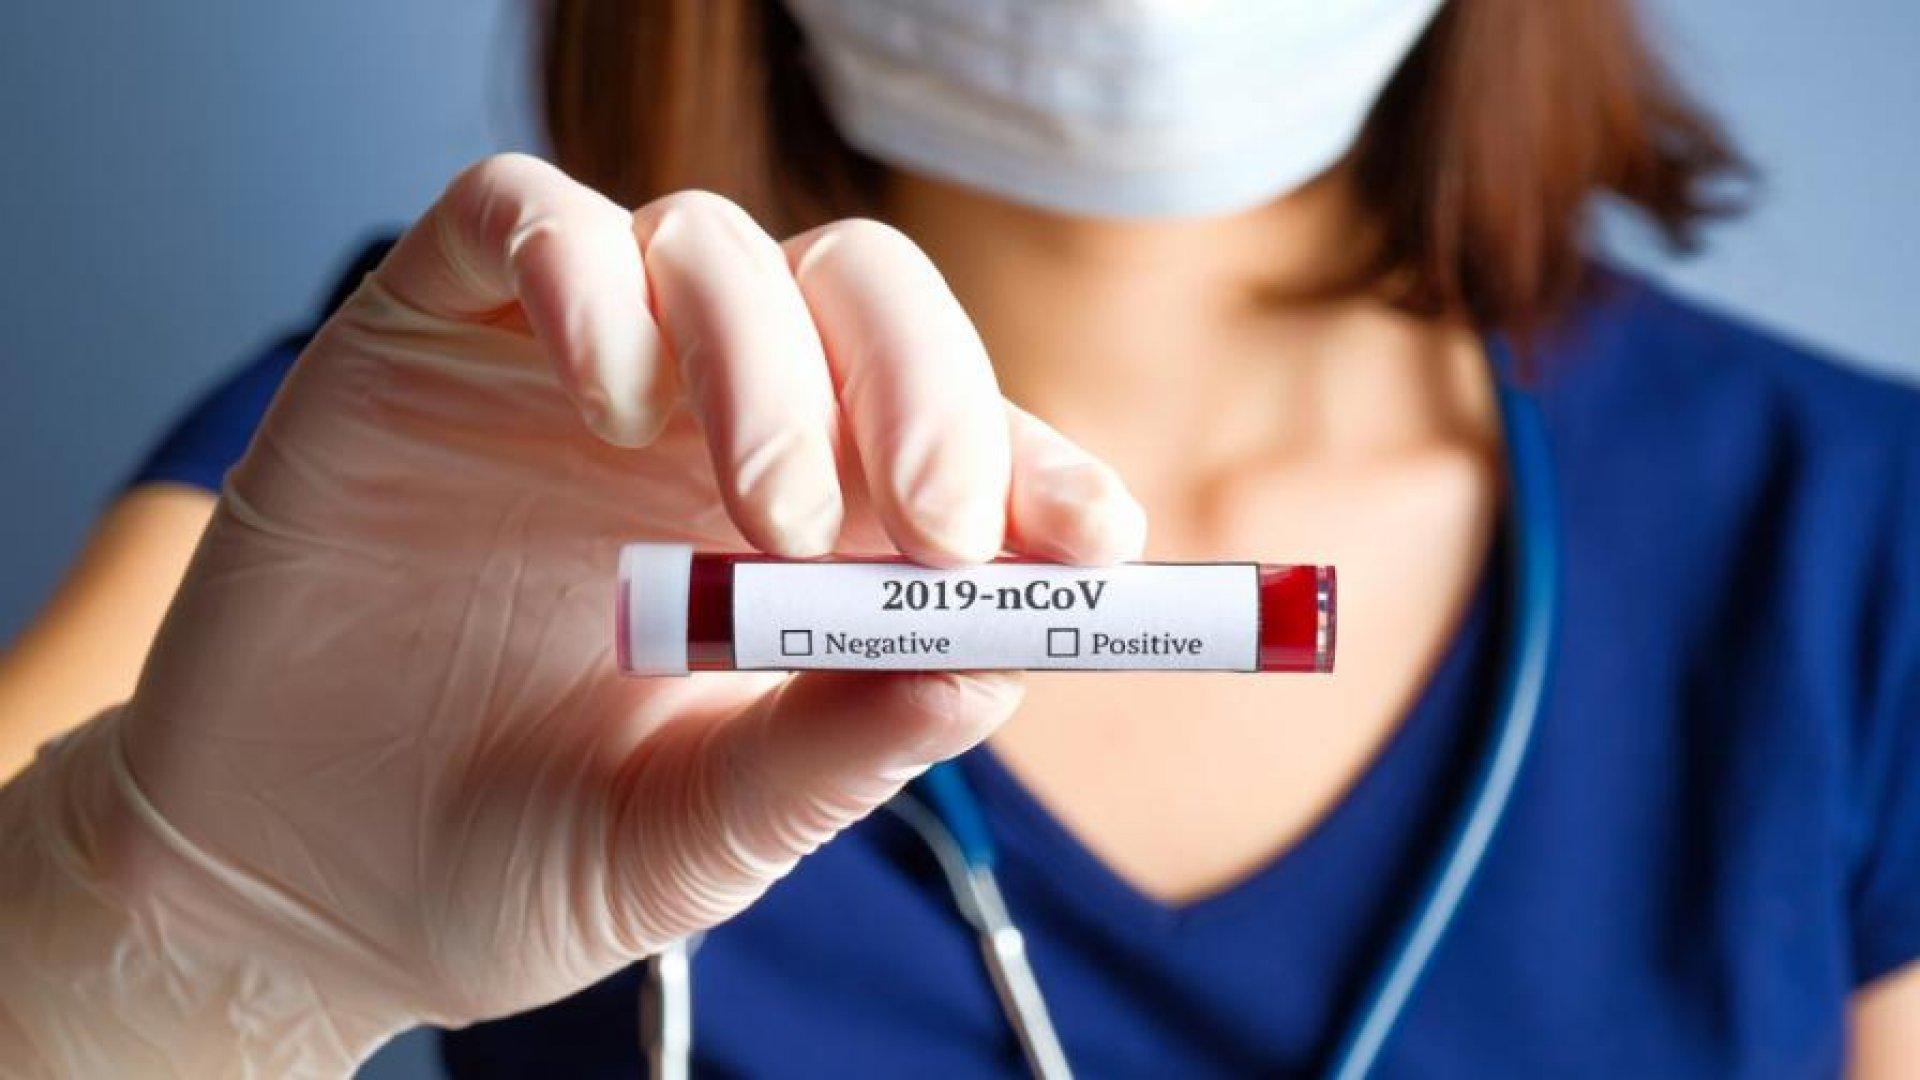 1,32%от изследванитепроби за корона вирус са положителни. Снимката е илюстративна